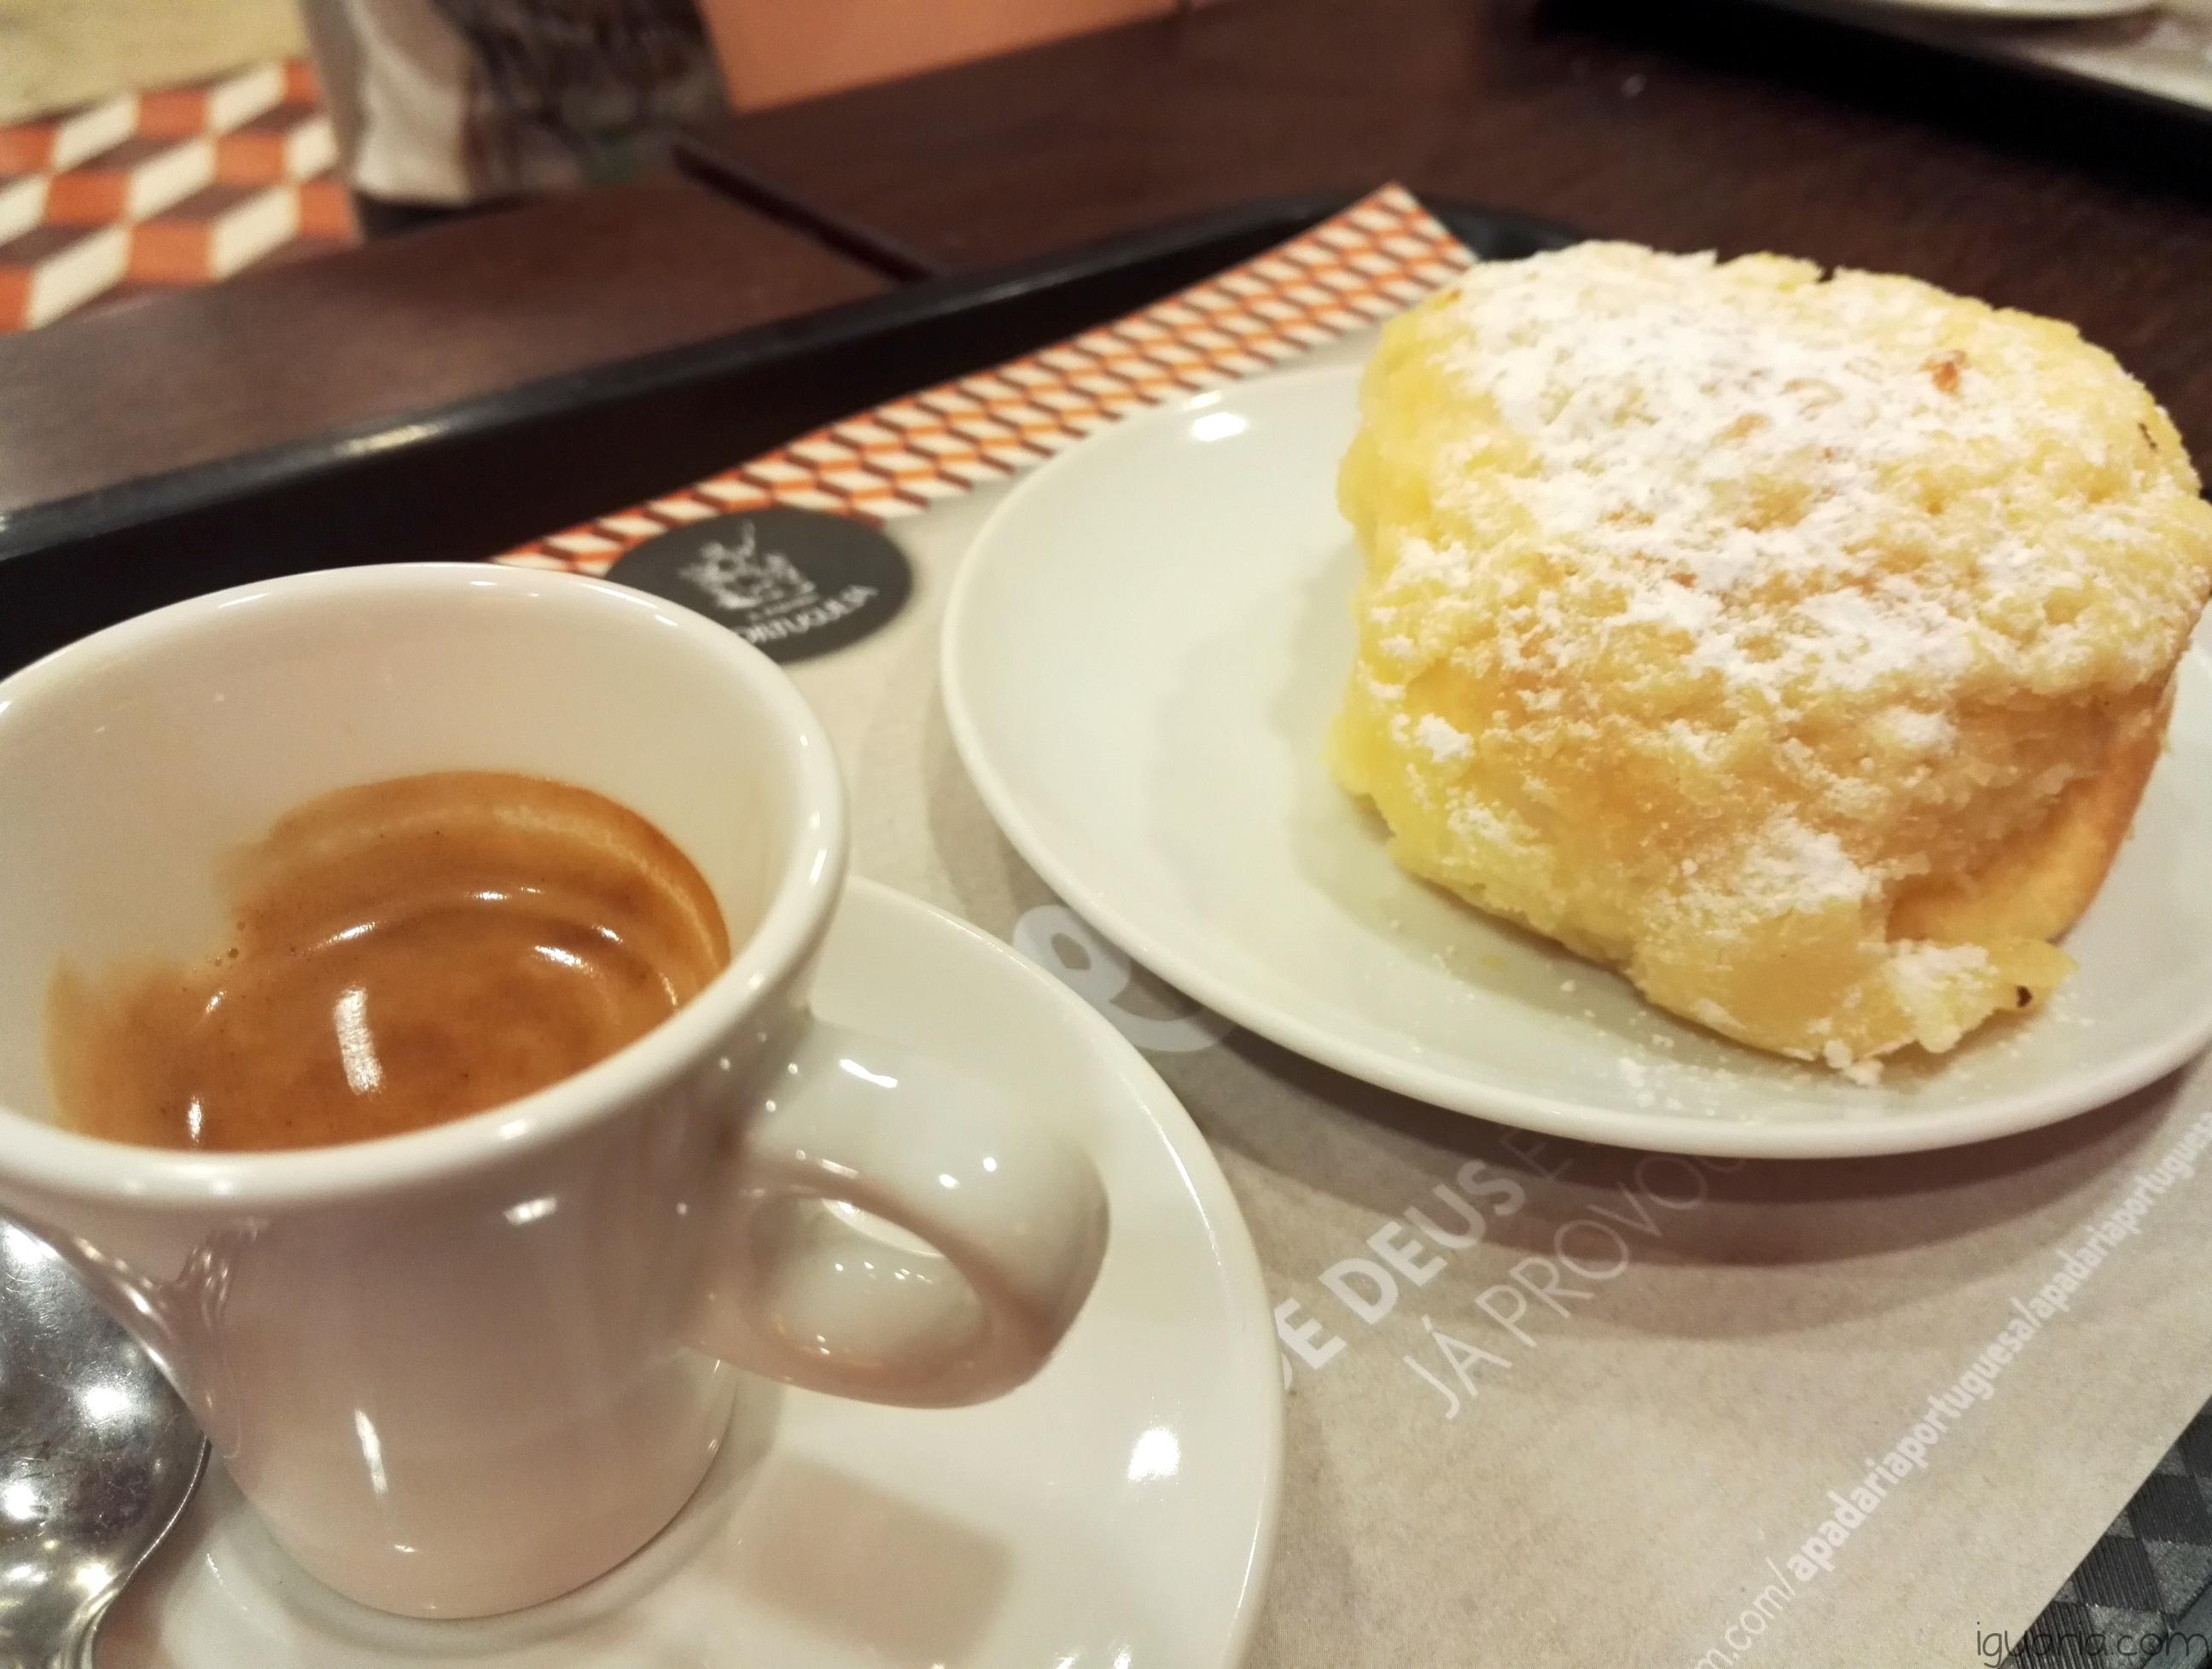 iguaria-cafe-e-pao-de-deus